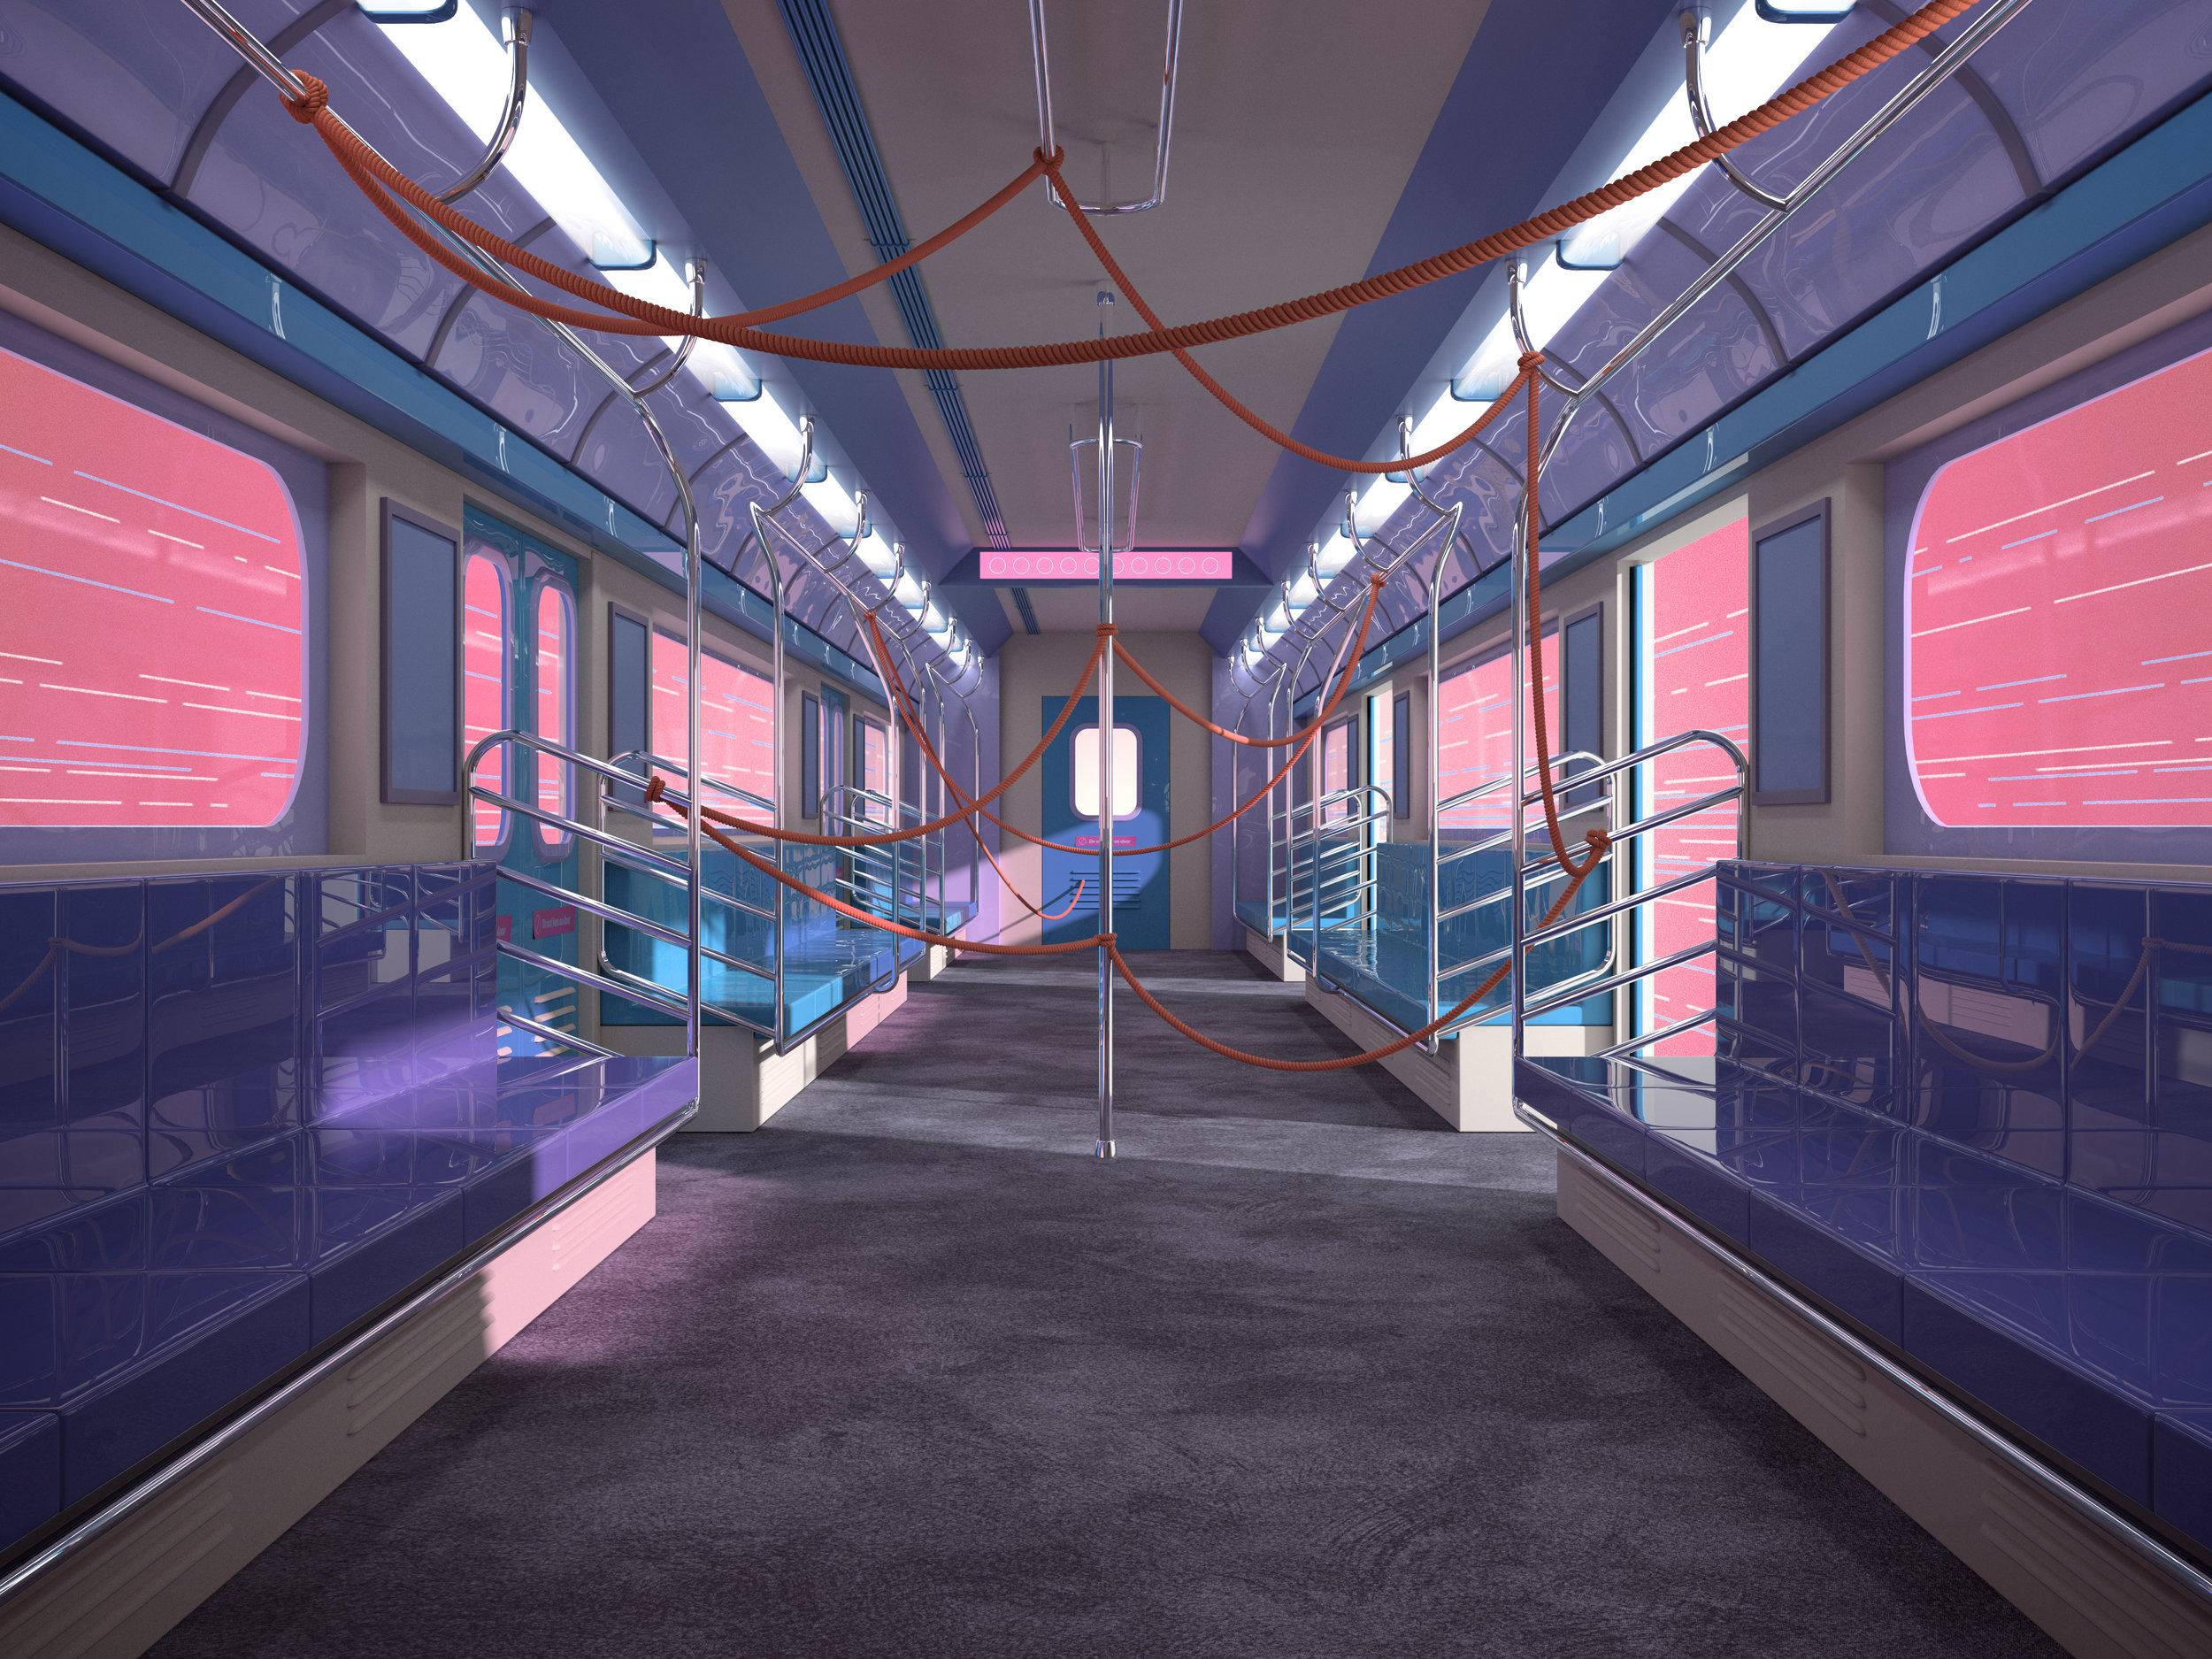 Train_A013.jpg